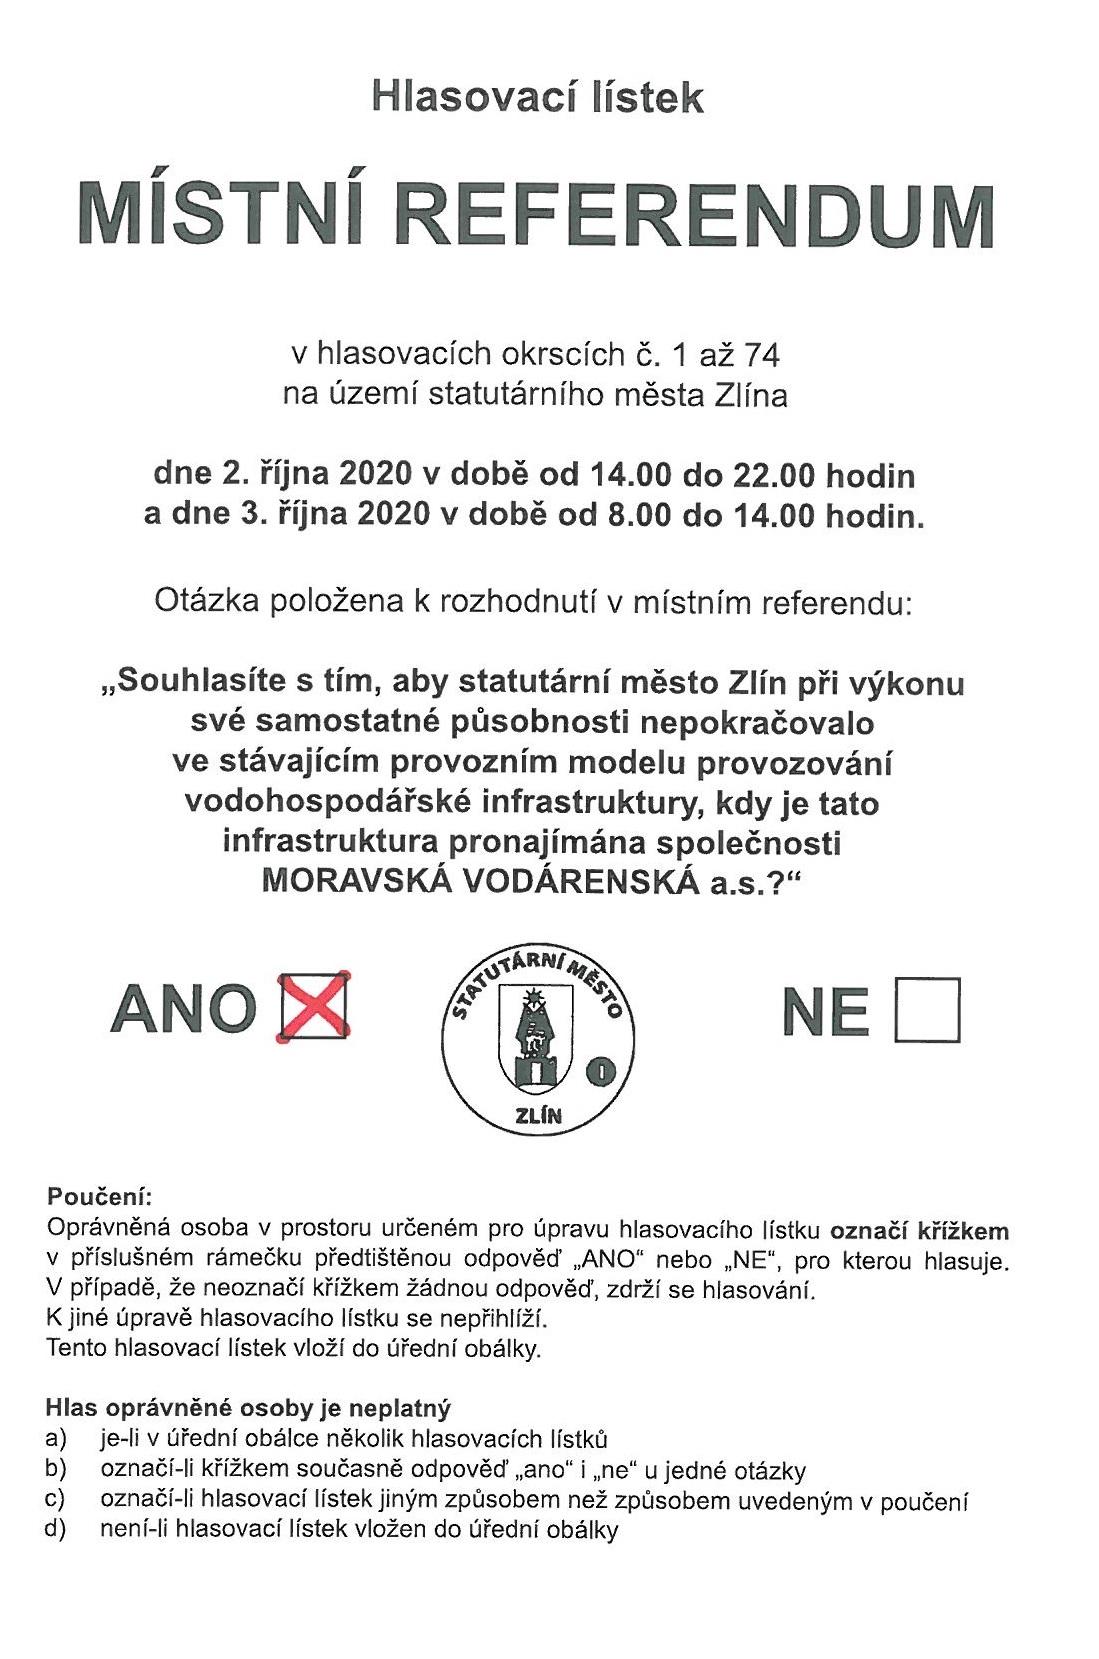 Hlasovací lístek - volte ANO